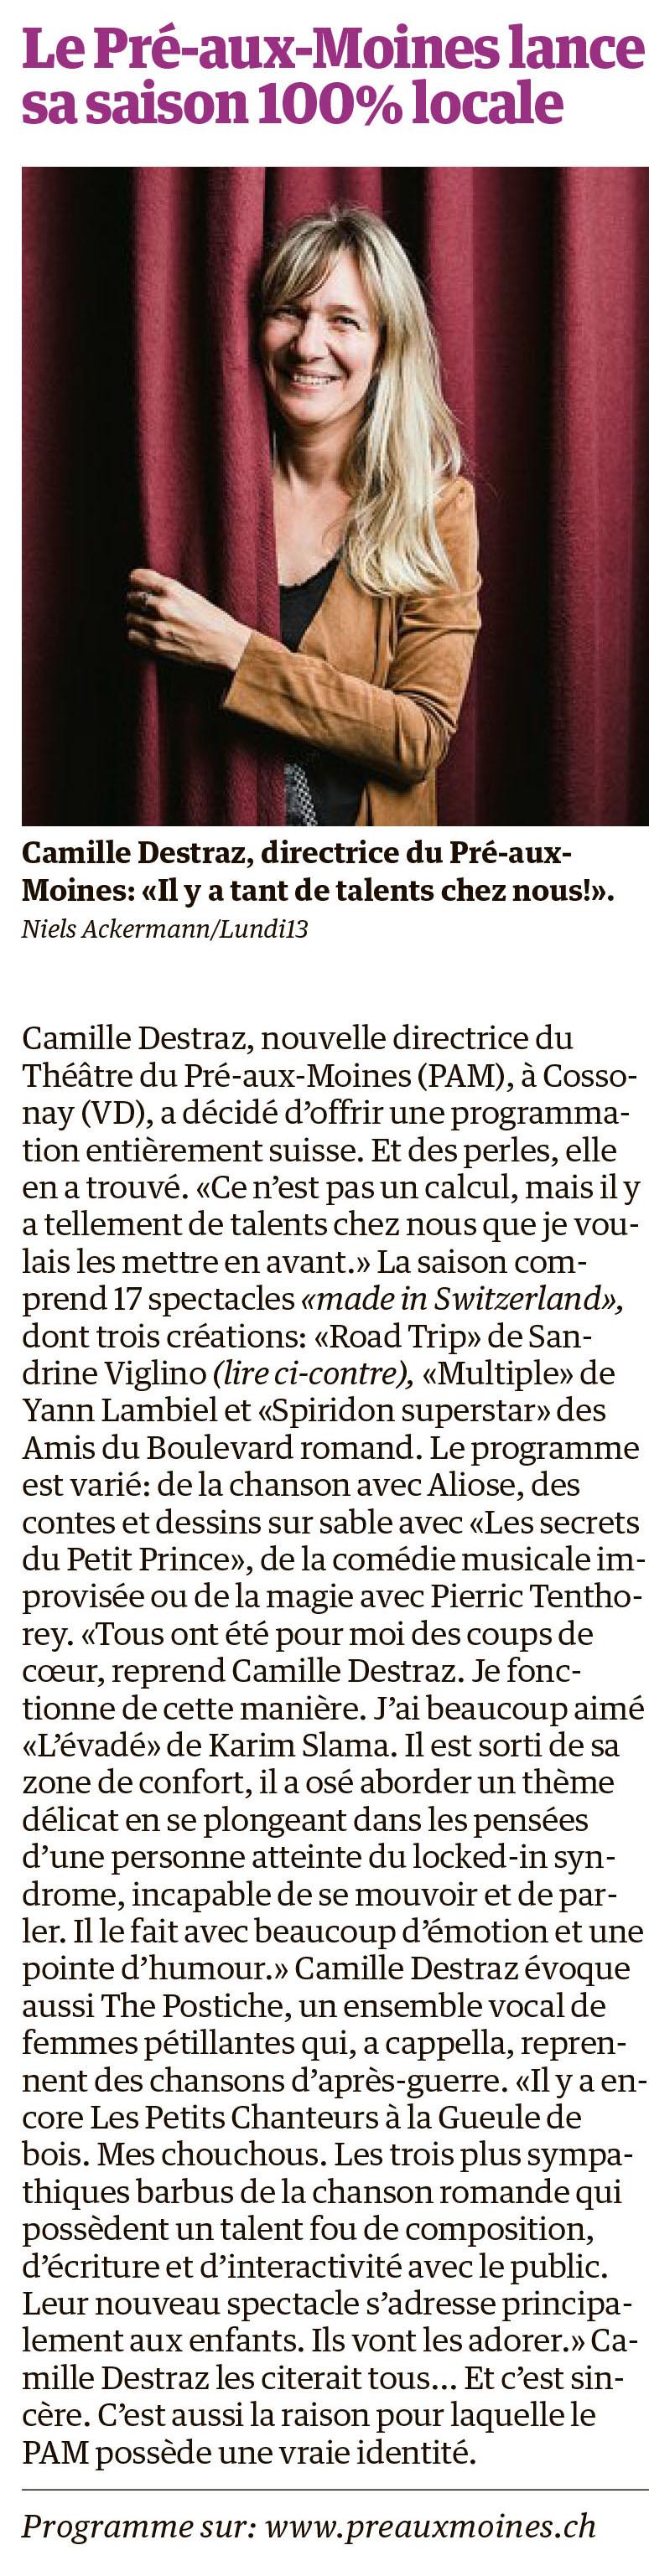 Le Matin Dimanche, 20.10.2019